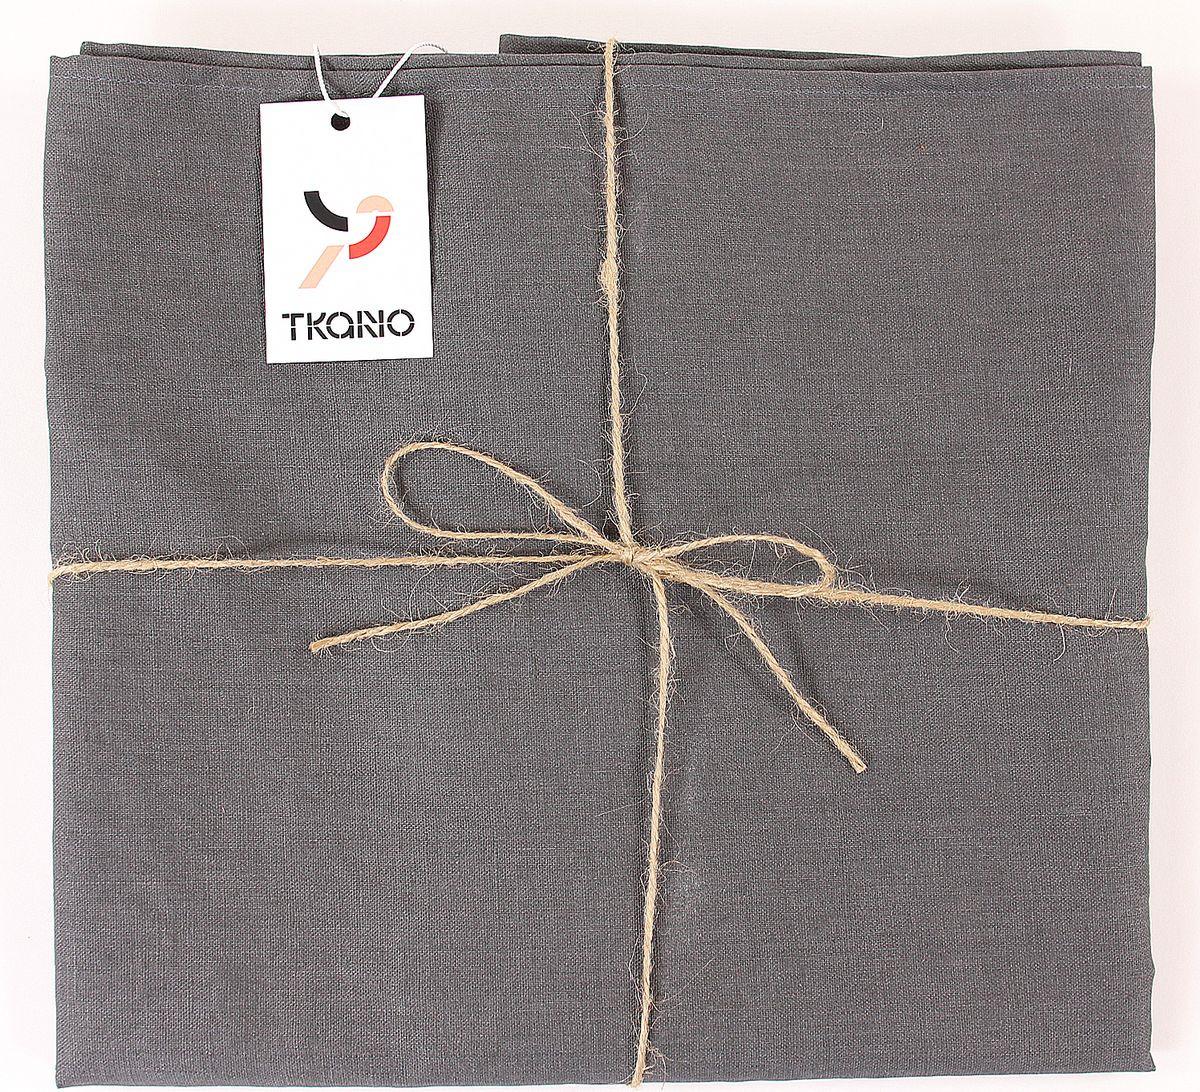 Скатерть Tkano Essential, TK18-TС0016, с декоративной обработкой, темно-серый, 143 x 143 см